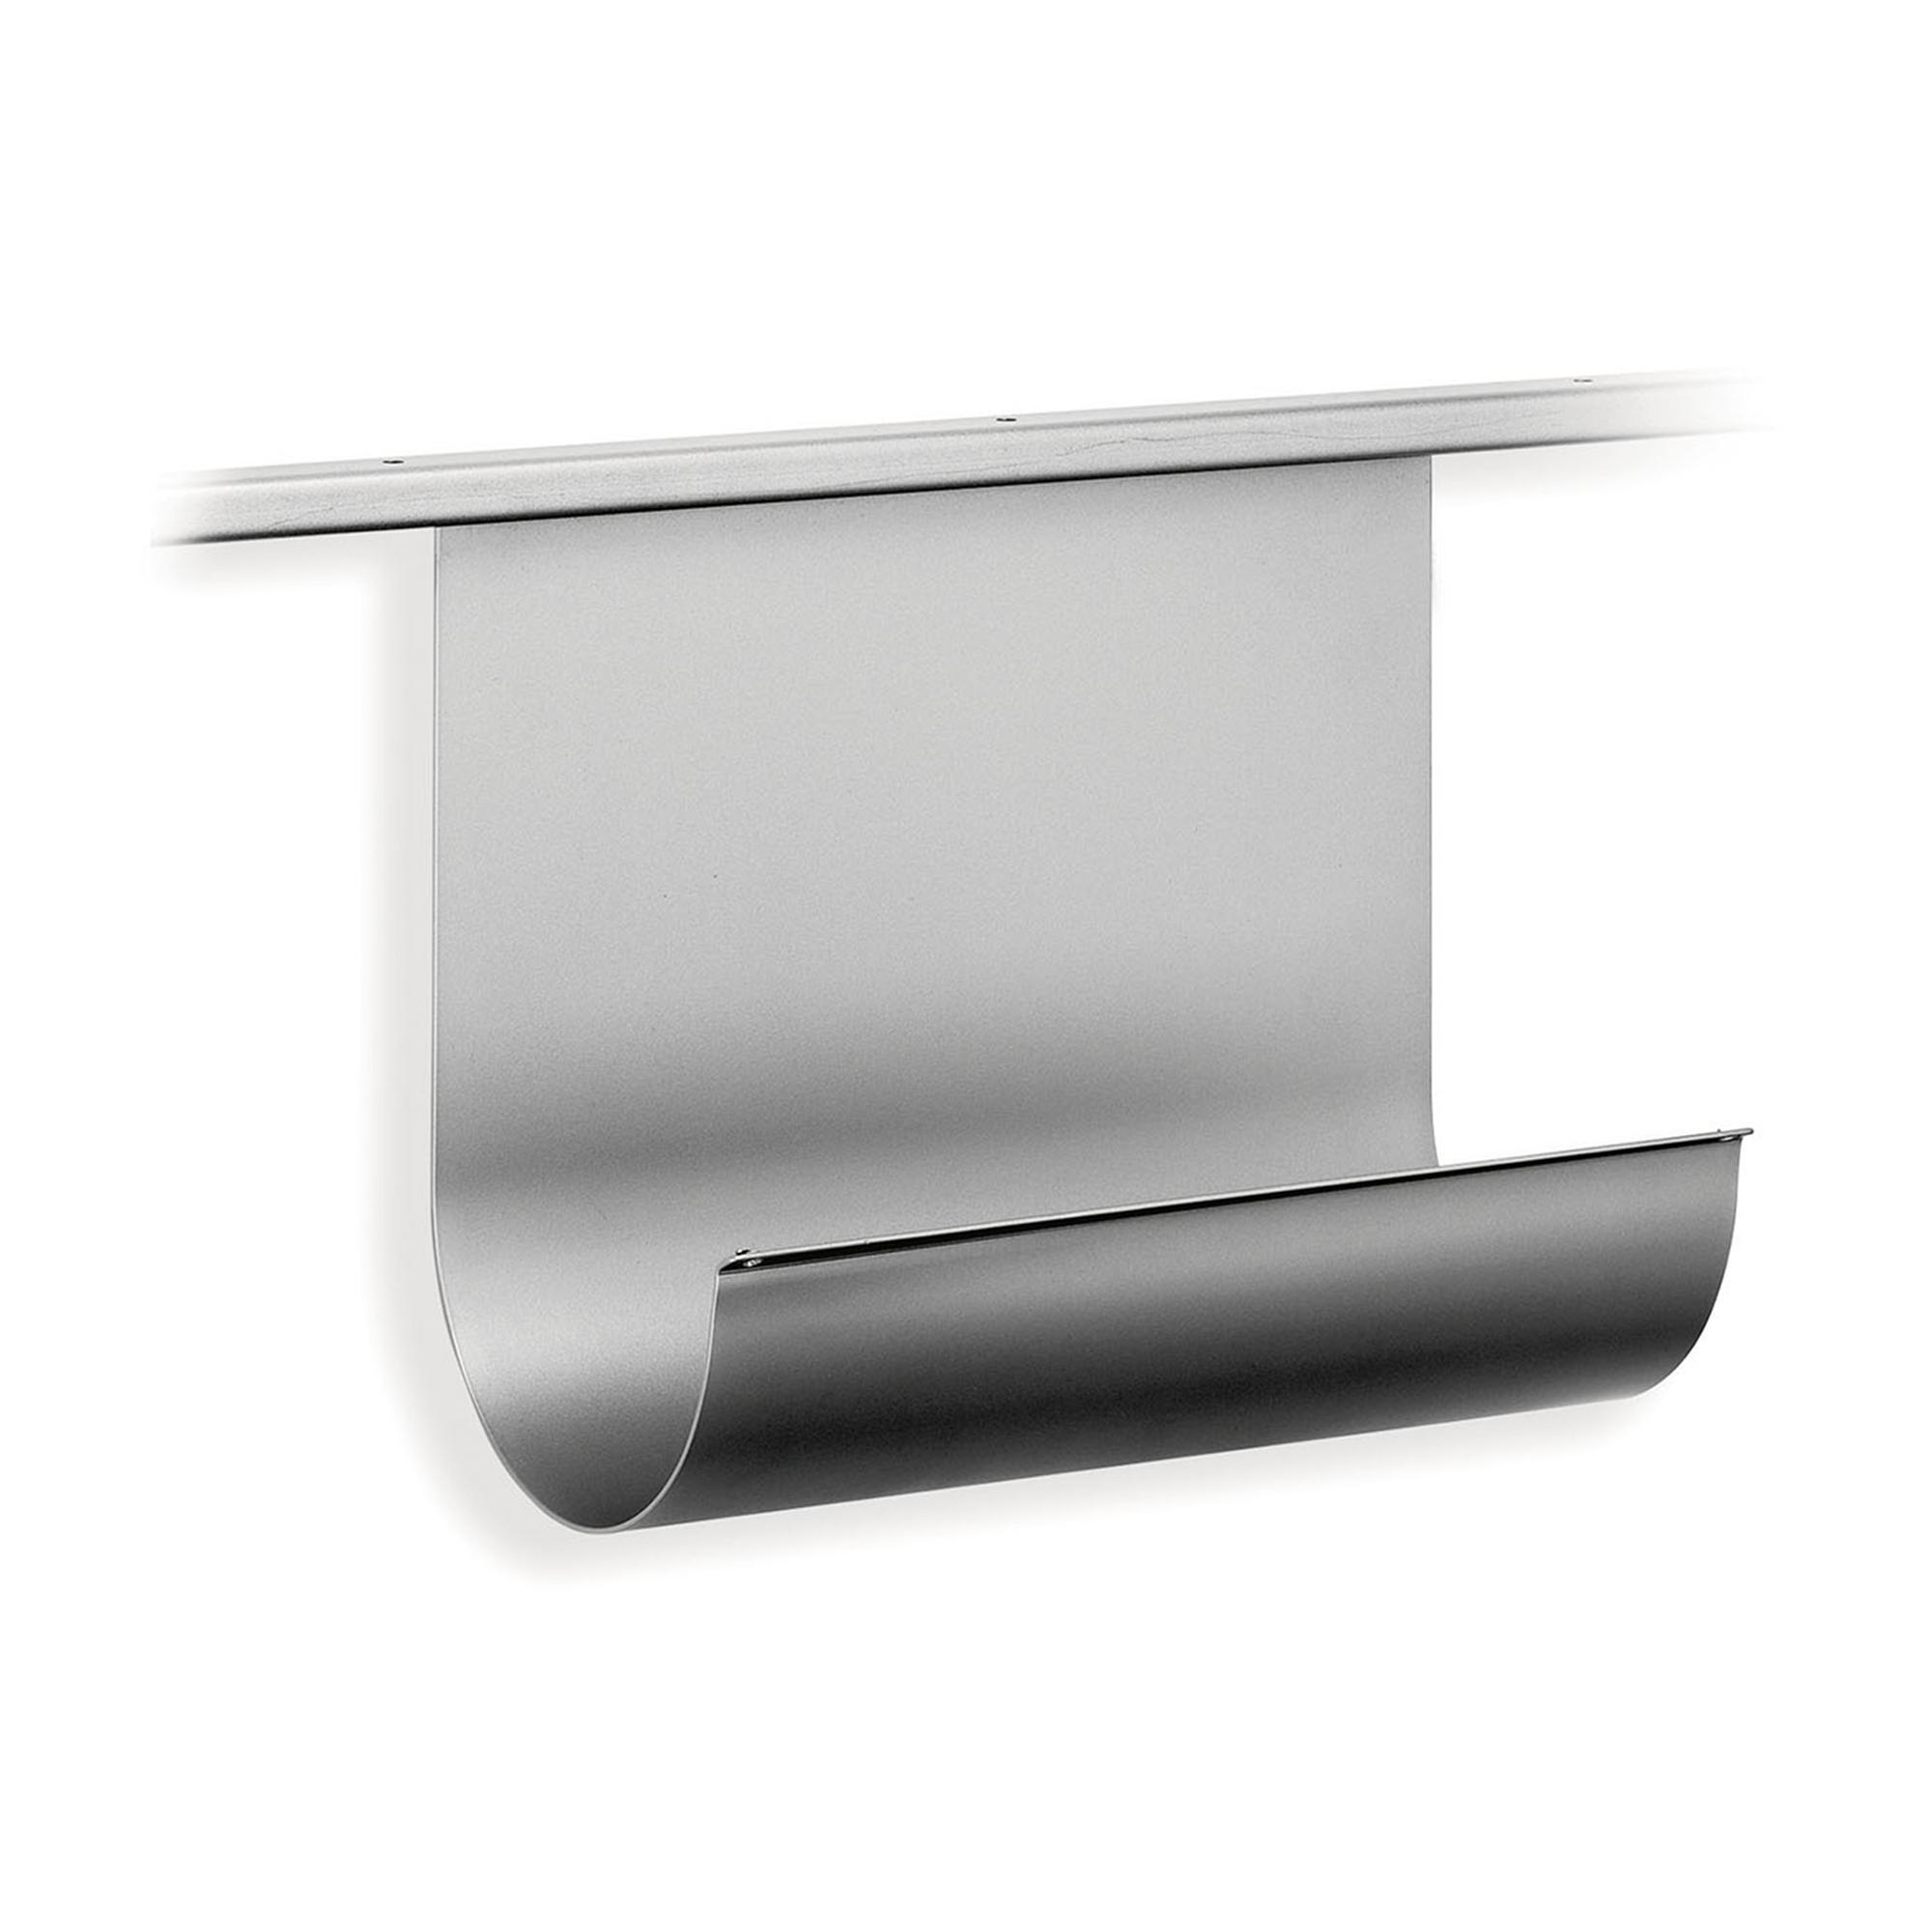 Portascottex 25x13xh20 cm per binario per sistema binario sottopensile Alluminio